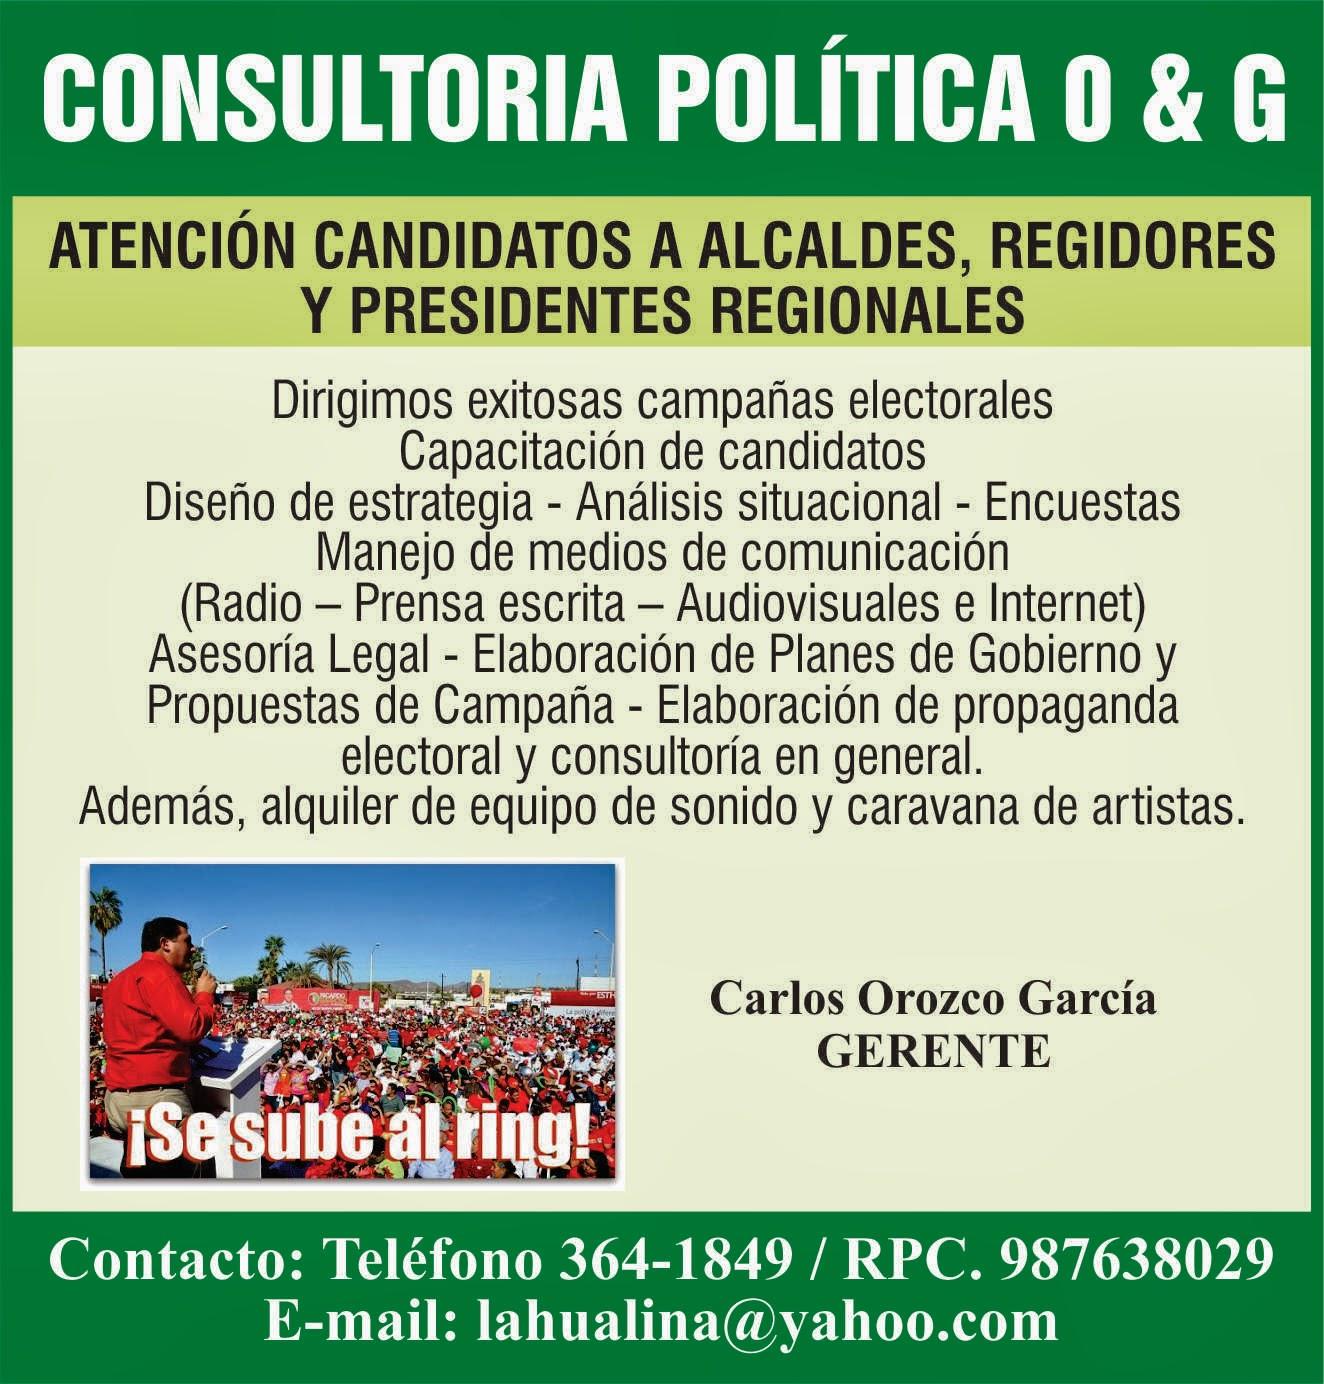 CAMPAÑA ELECTORAL 2014